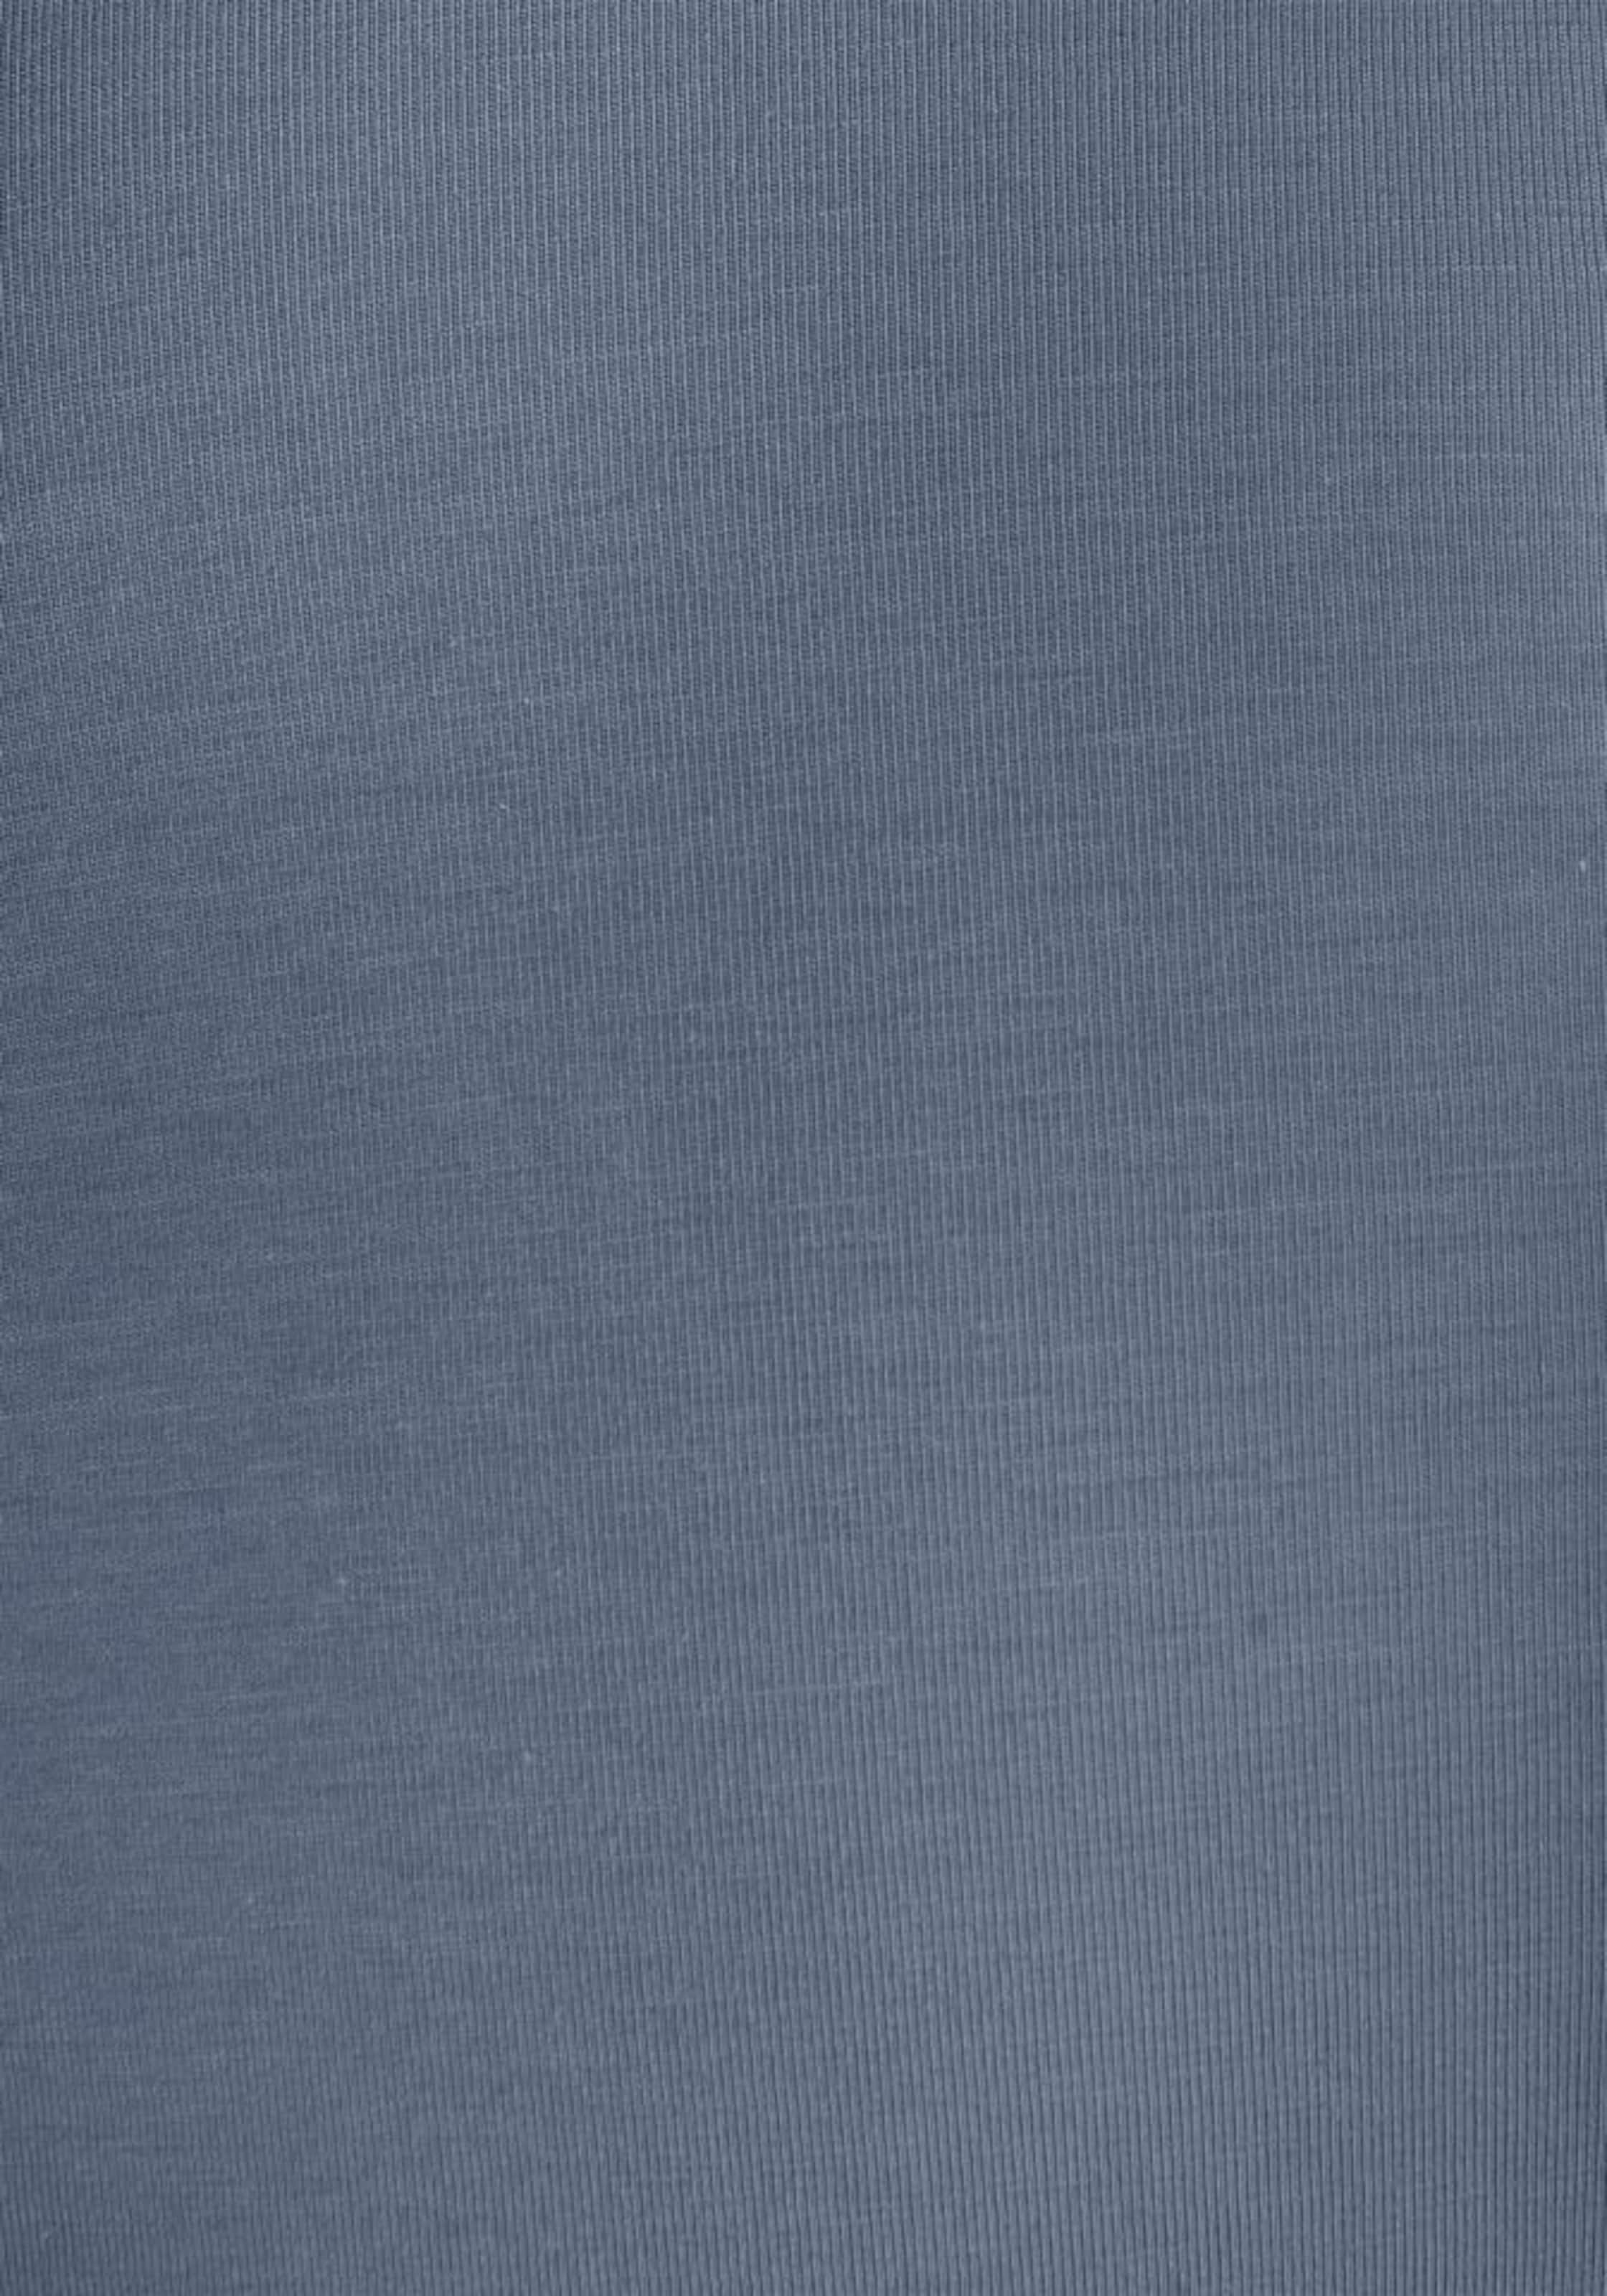 SCHIESSER Supermini Slip Auslass Bester Verkauf Rabatt Großer Verkauf Auslass Eastbay qTryt0EE